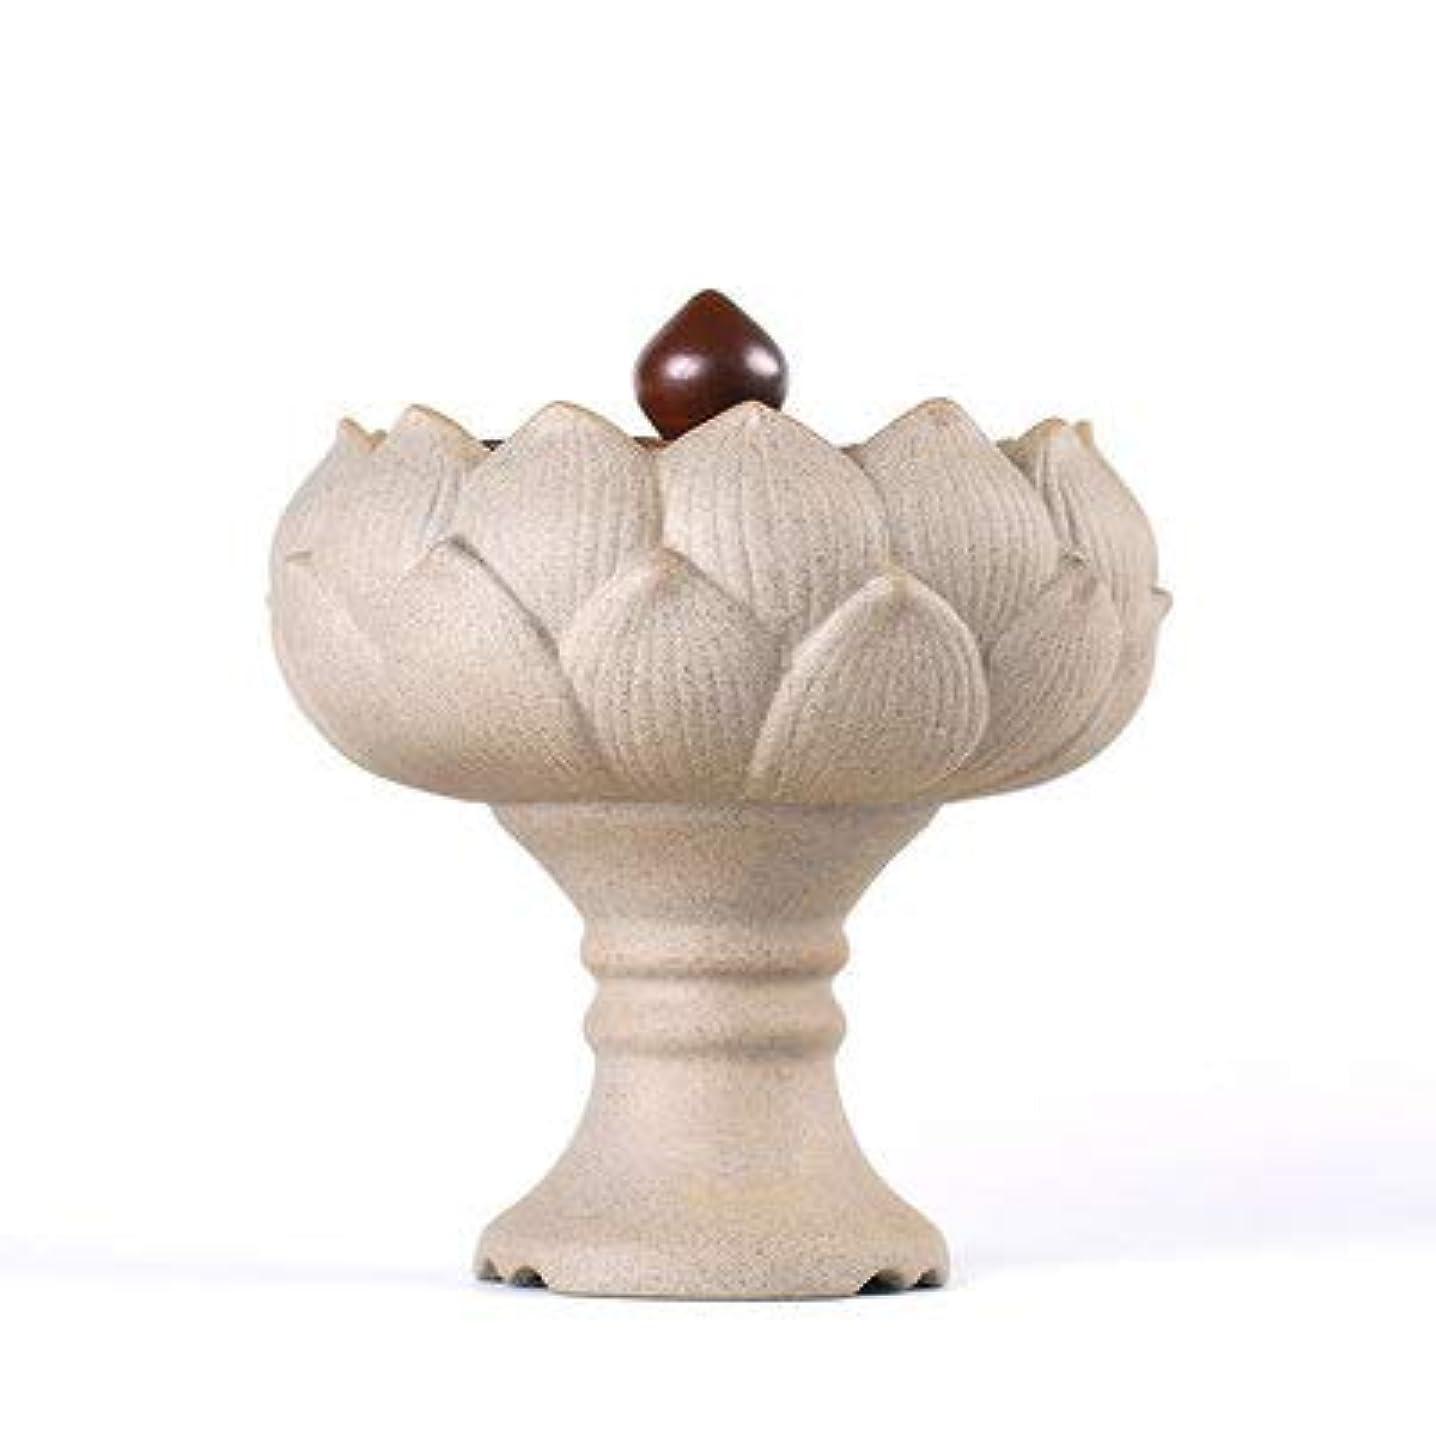 バイアス学習者原告PHILOGOD 香炉 陶器ロータススタイリング線香 香立て 香皿